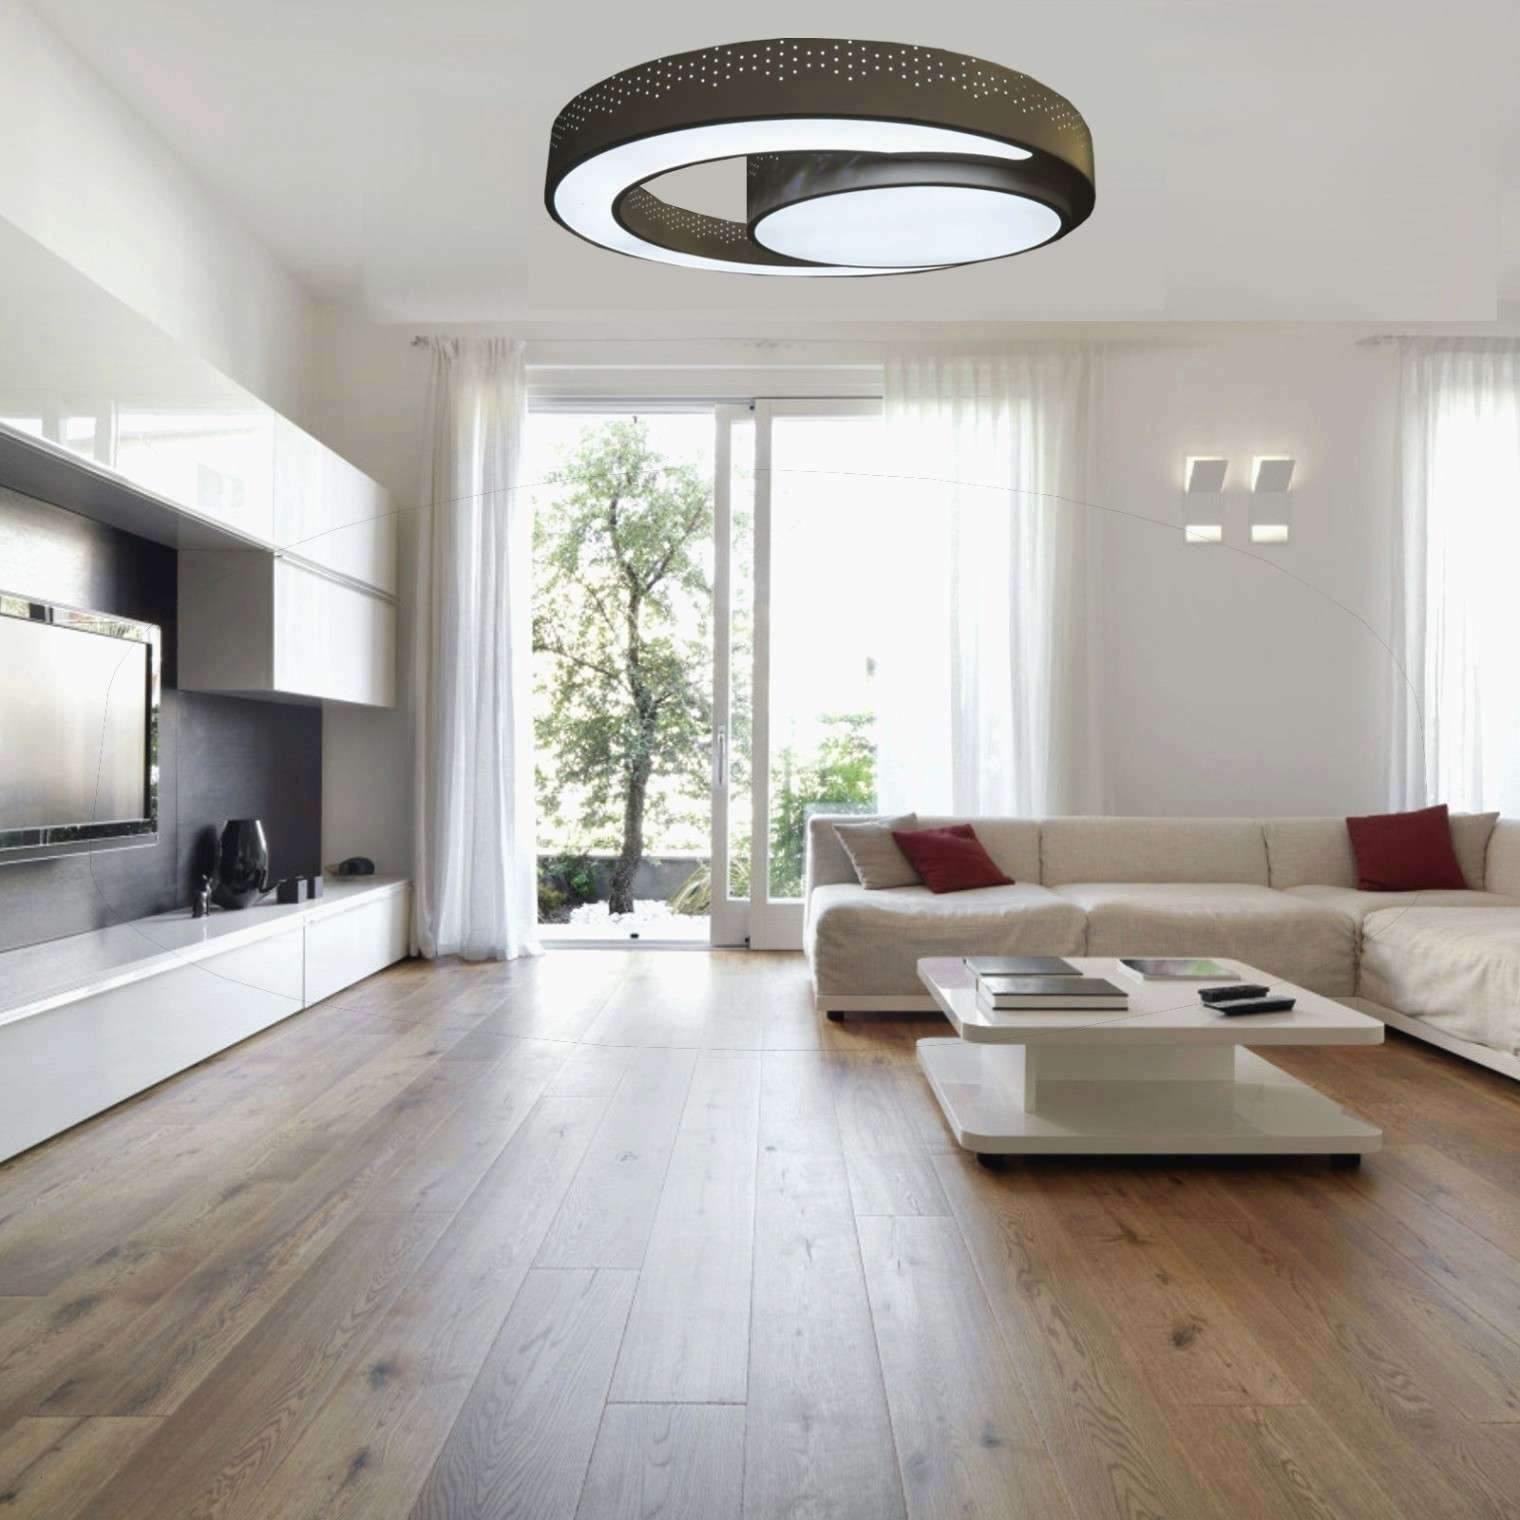 Full Size of Moderne Lampen Wohnzimmer Elegant Inspirierend Led Deckenlampen Bad Modernes Sofa Deckenleuchte Schlafzimmer Esstisch Esstische Duschen Bett 180x200 Badezimmer Wohnzimmer Moderne Lampen